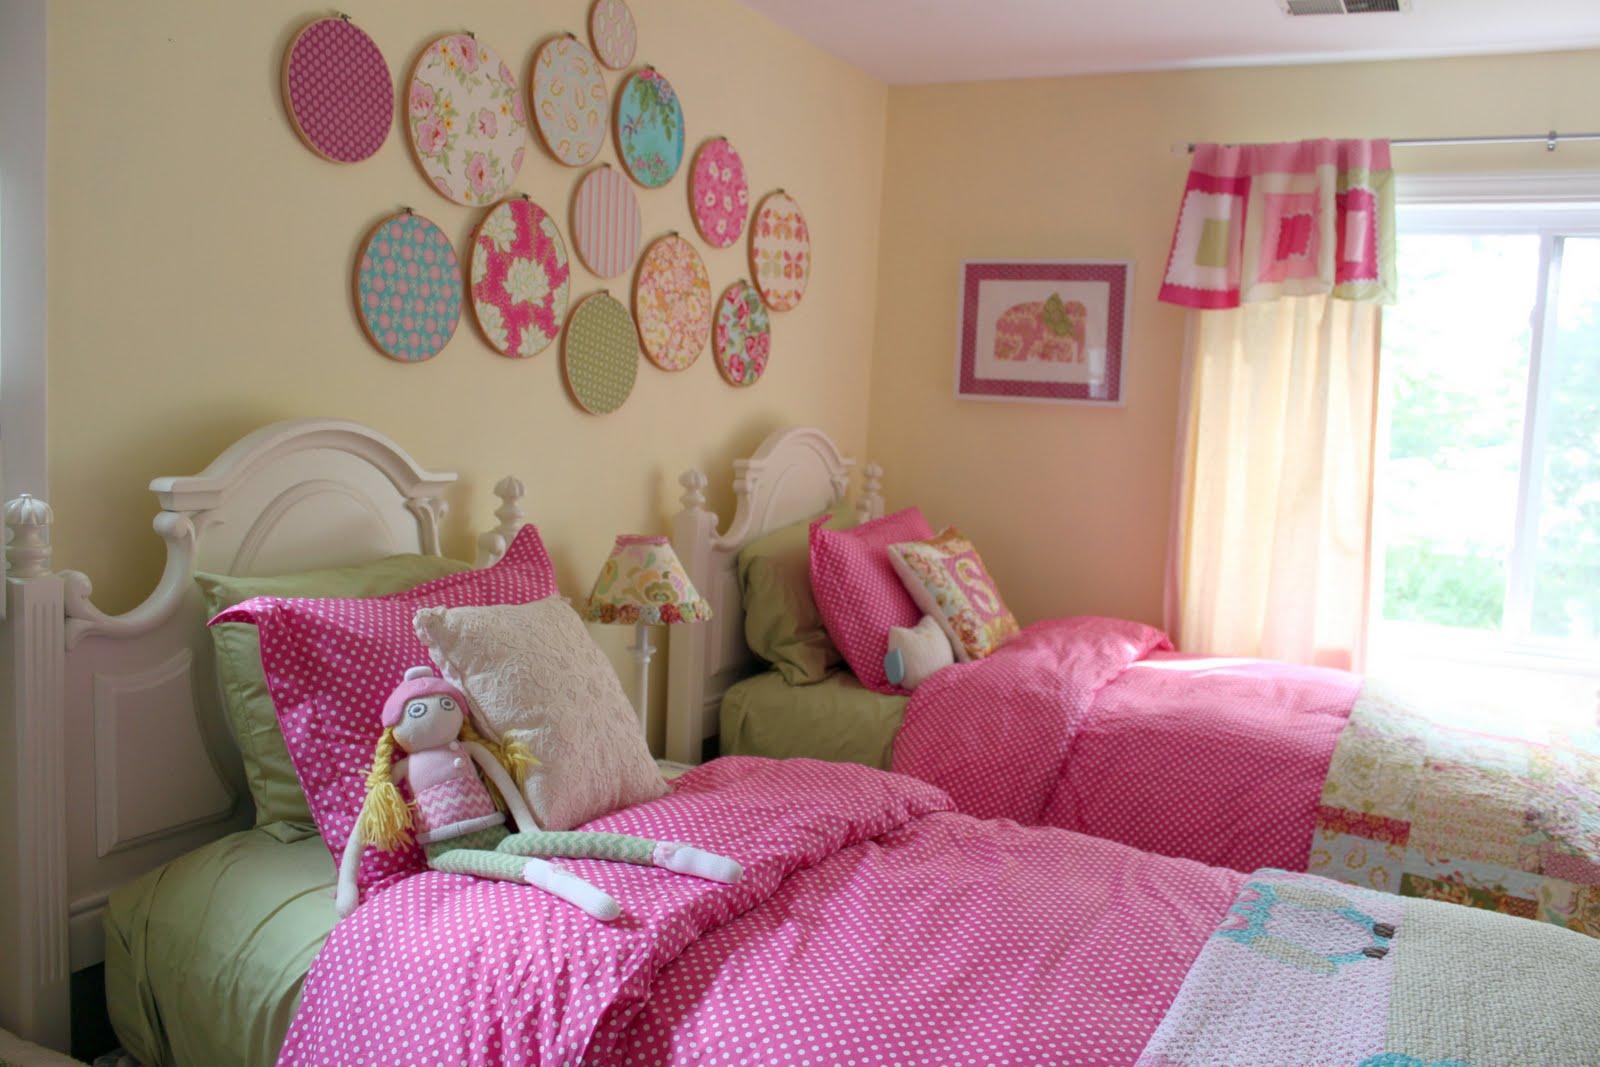 bellart atelier decora o quartos de meninas um quarto para duas. Black Bedroom Furniture Sets. Home Design Ideas